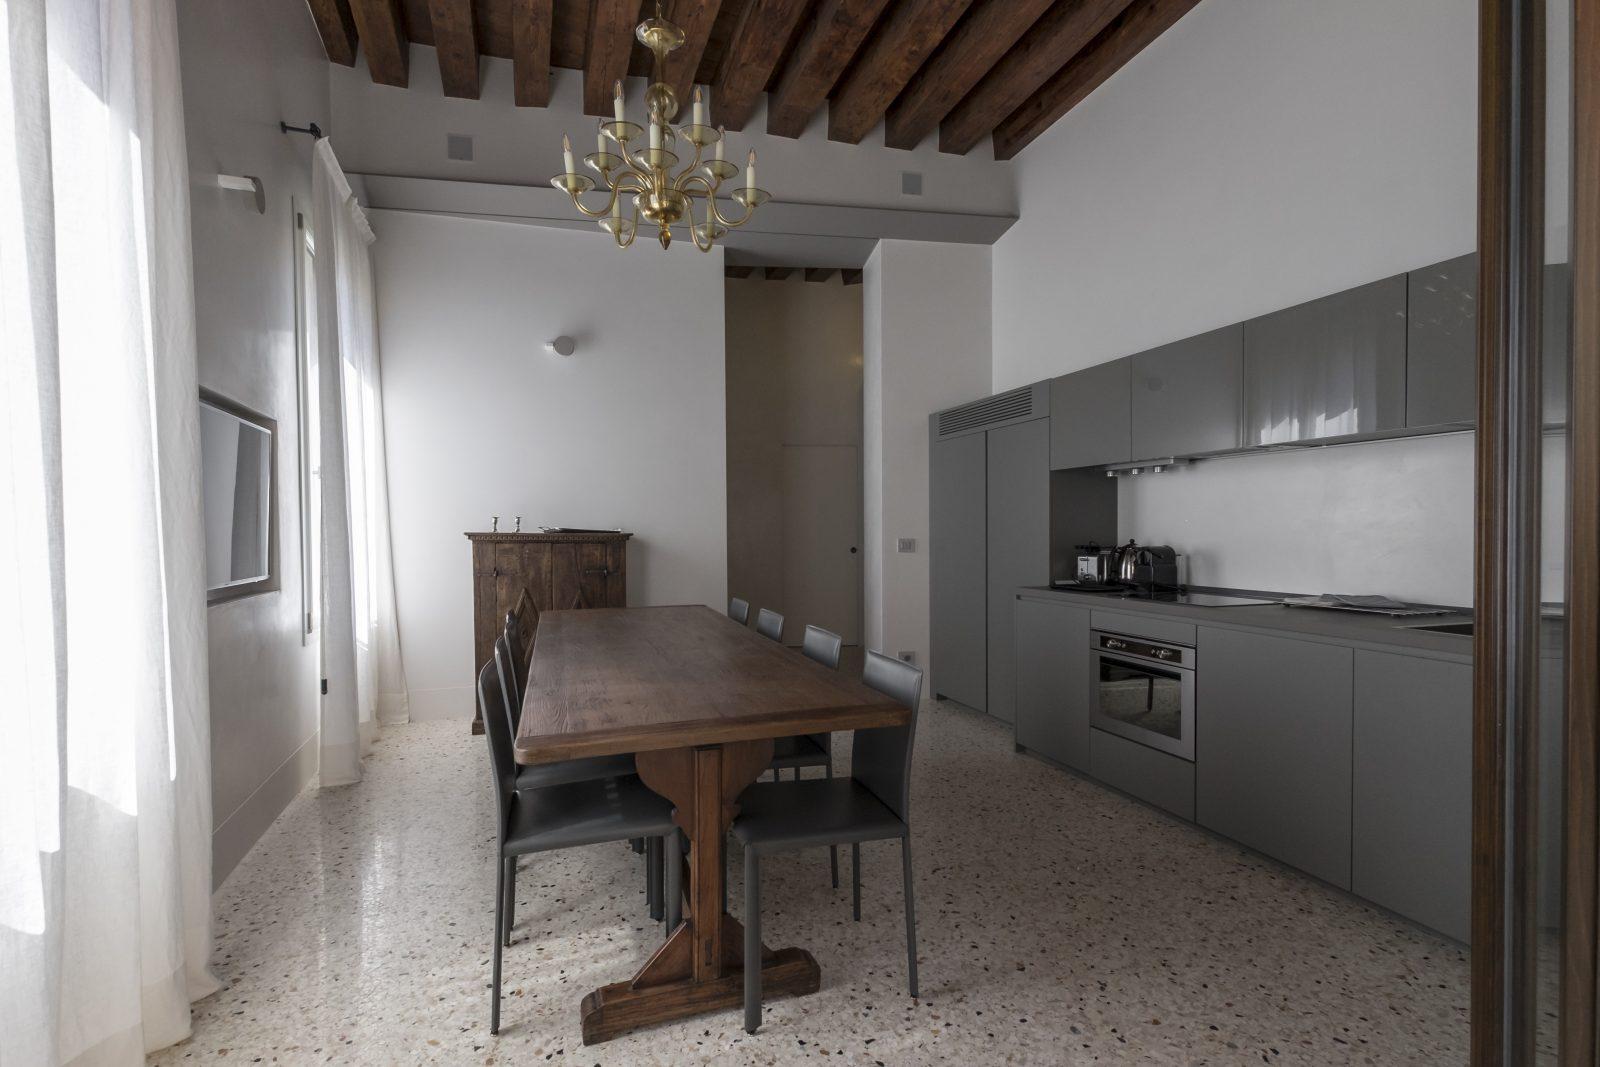 cucina-design-appartamento-zenzero-tavolo-legno-arredamento-grigio-stile-lusso-travi-legno-venezia-palazzo-morosini